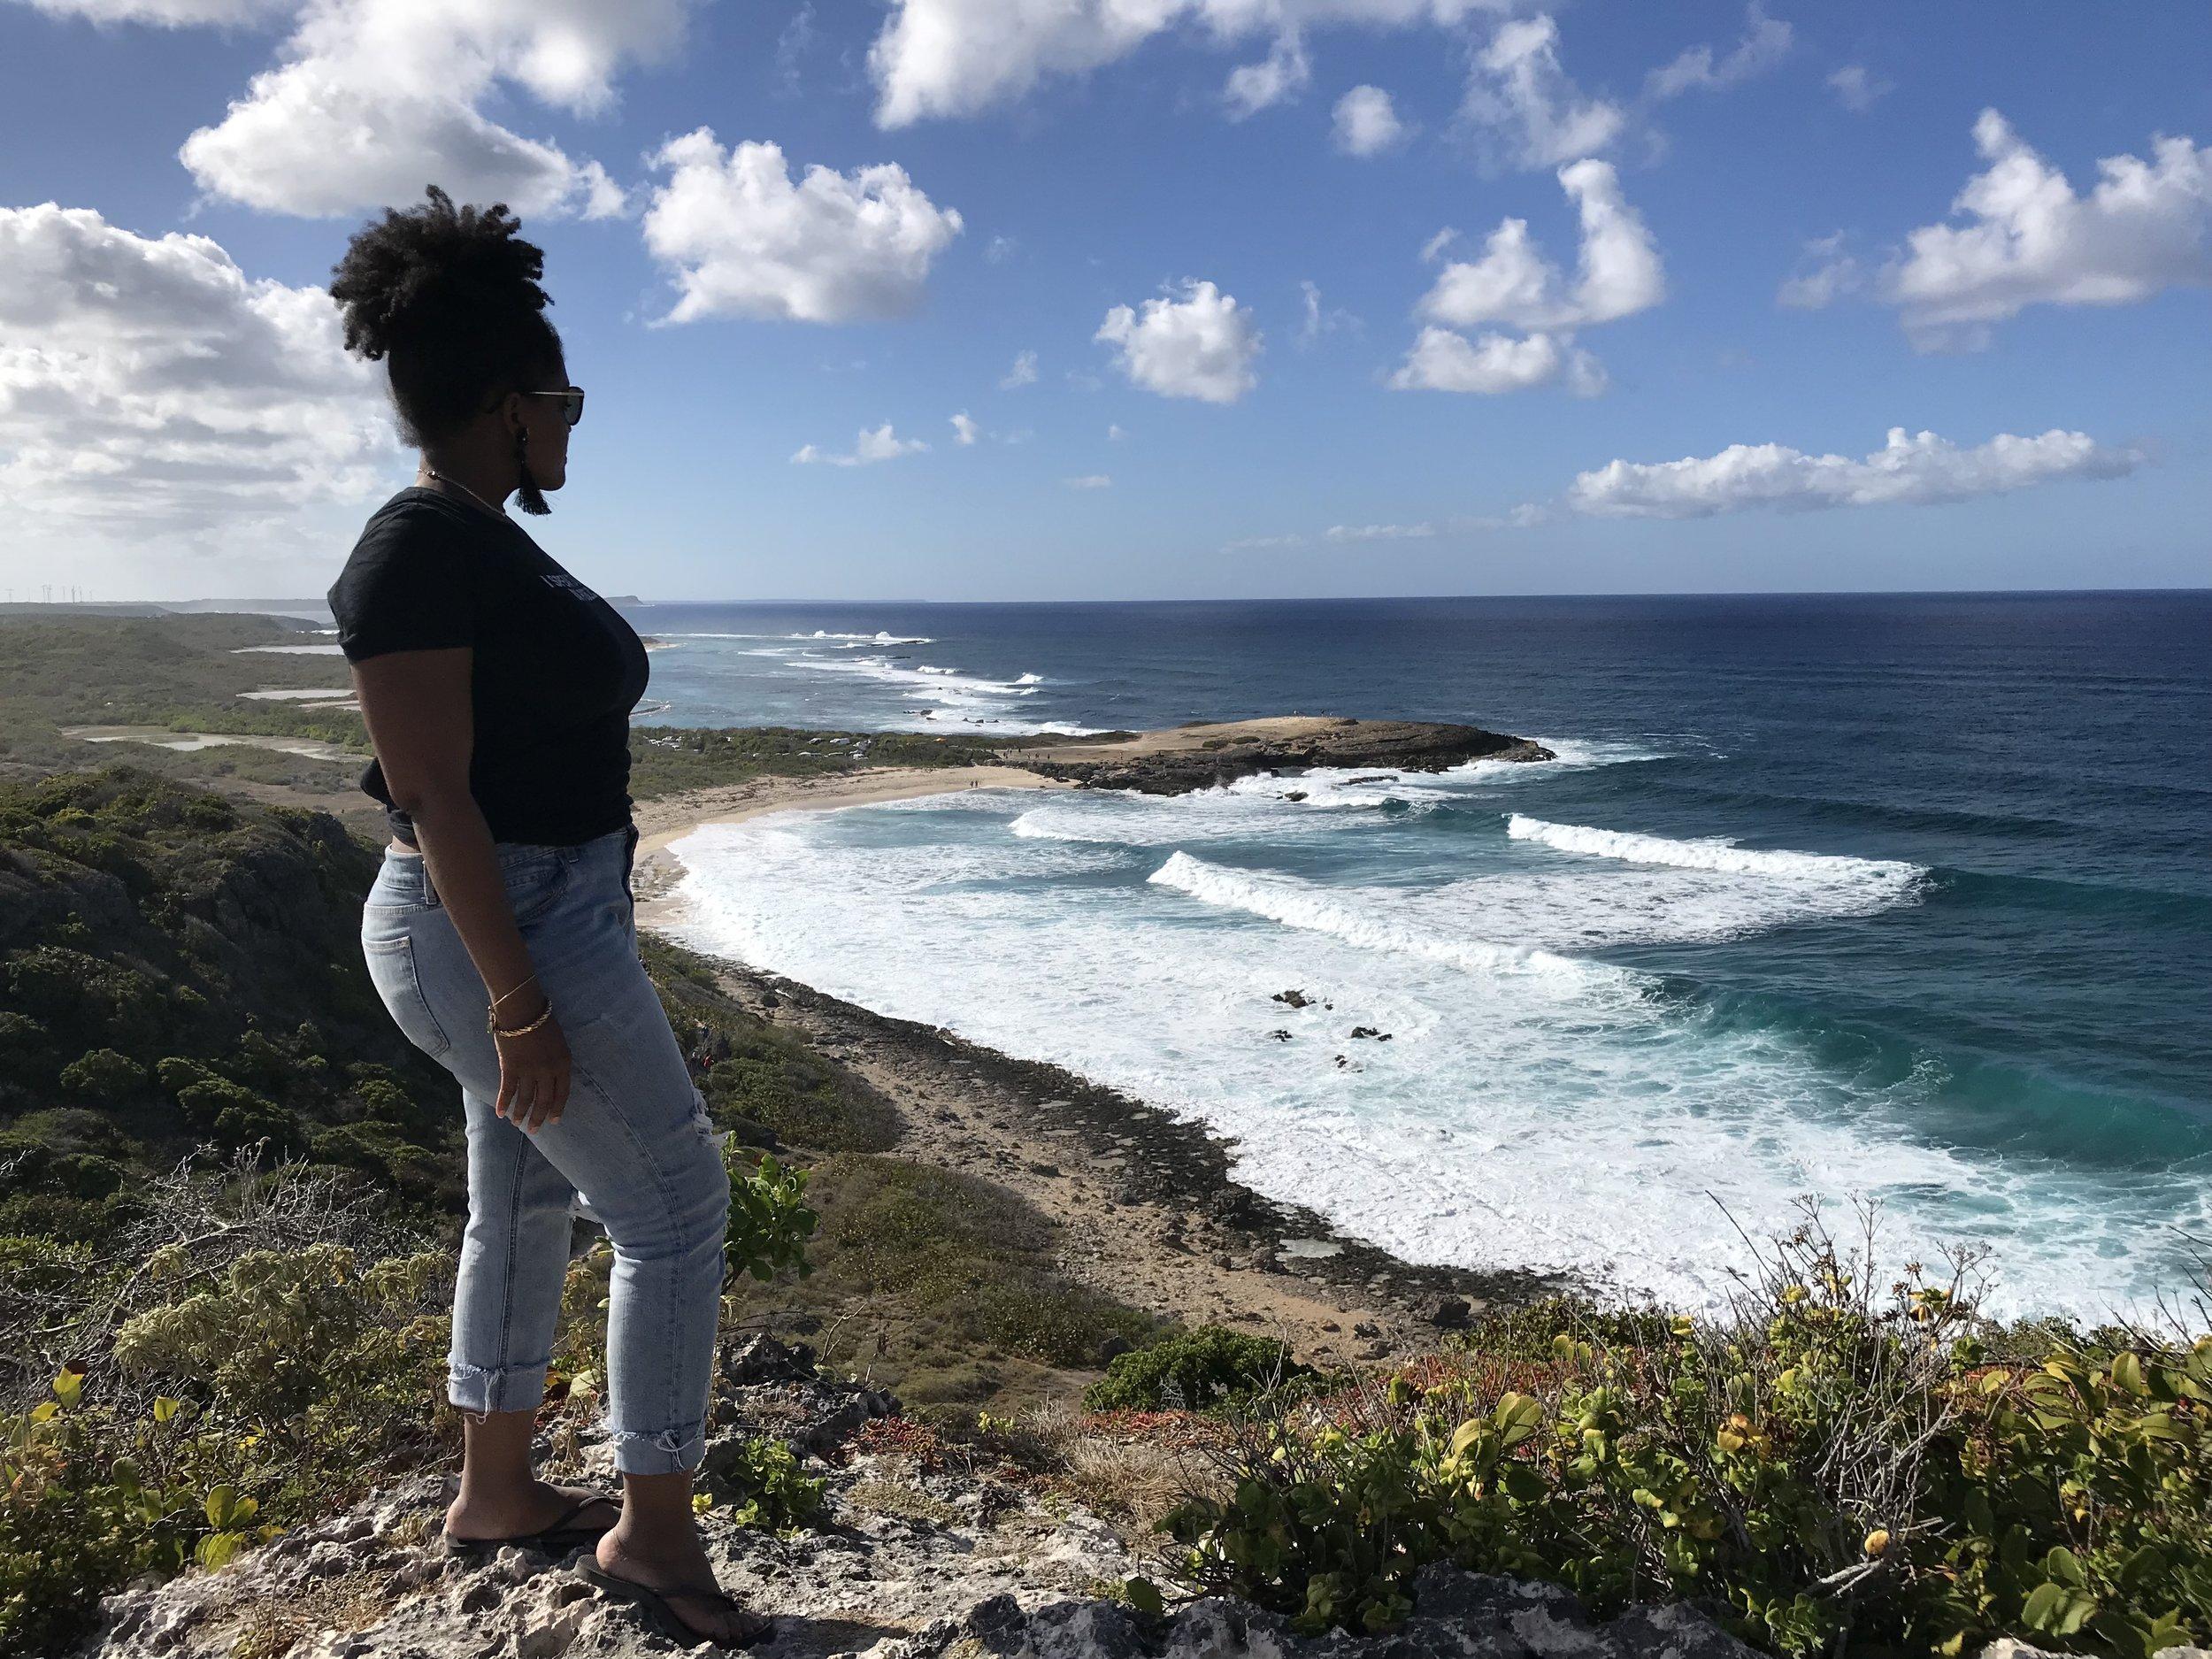 La Poine des Chateaux - Guadeloupe - RachelTravels.com